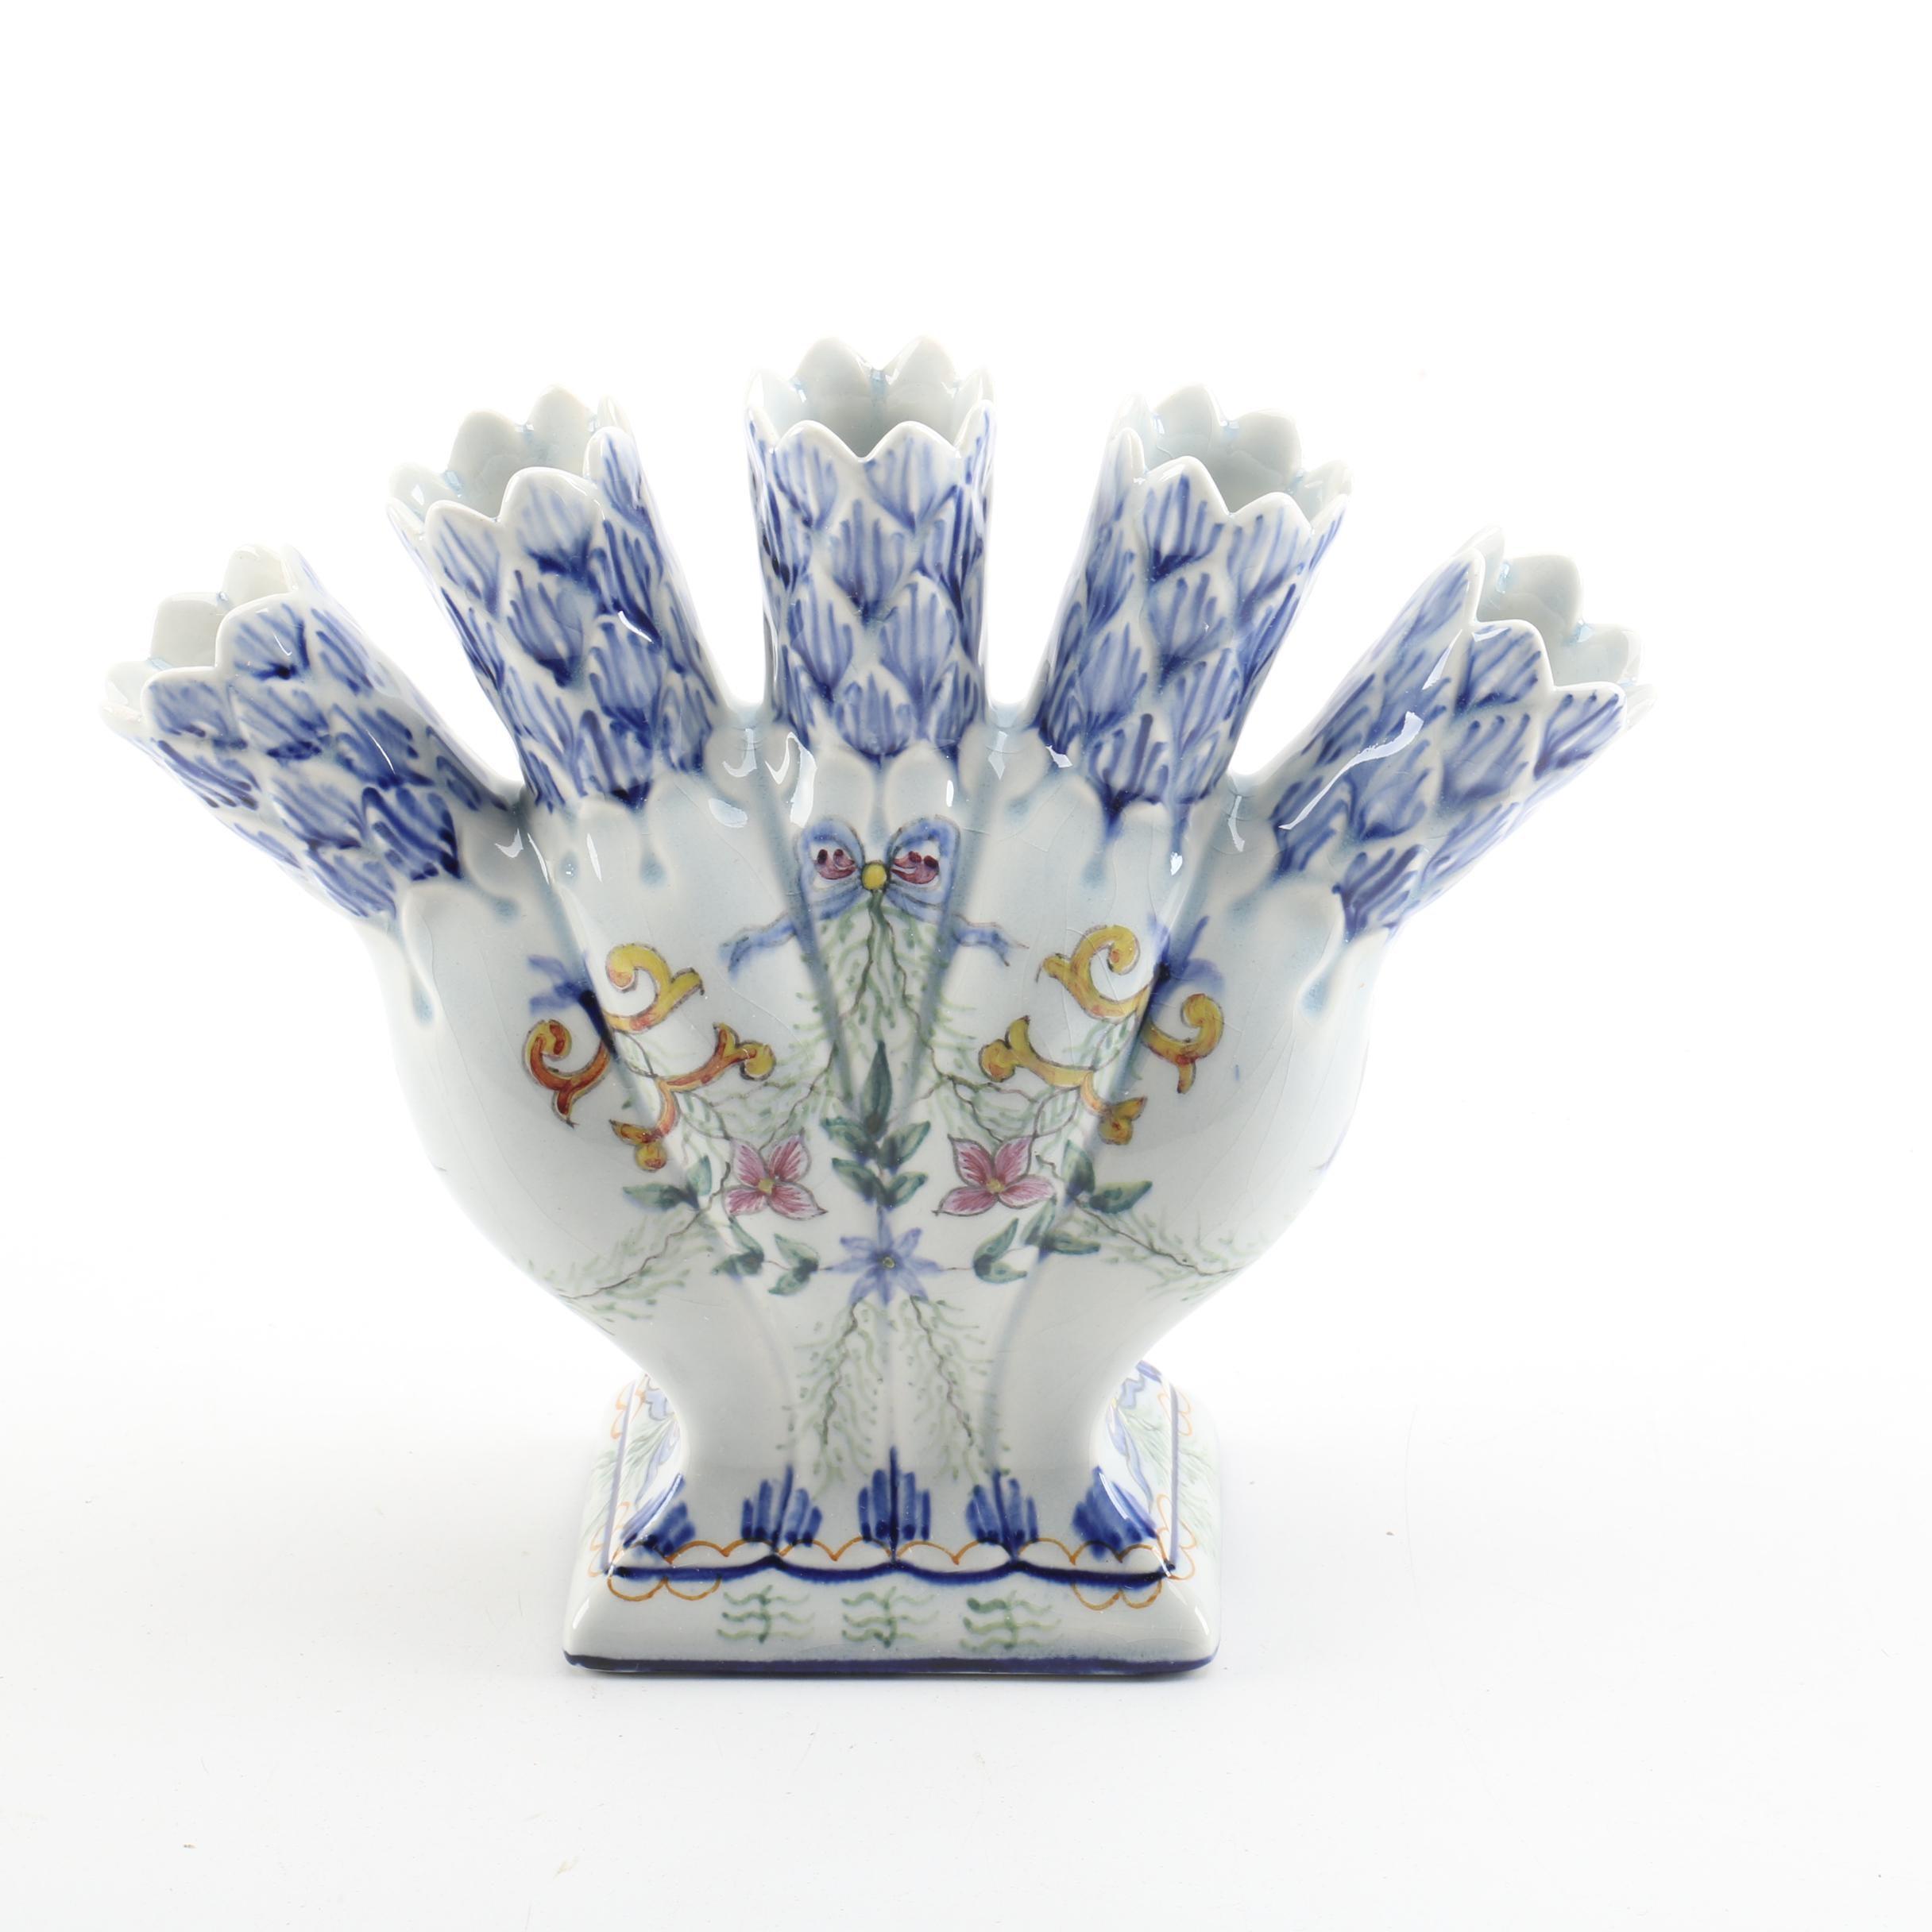 Portuguese Fäience Flower Vase